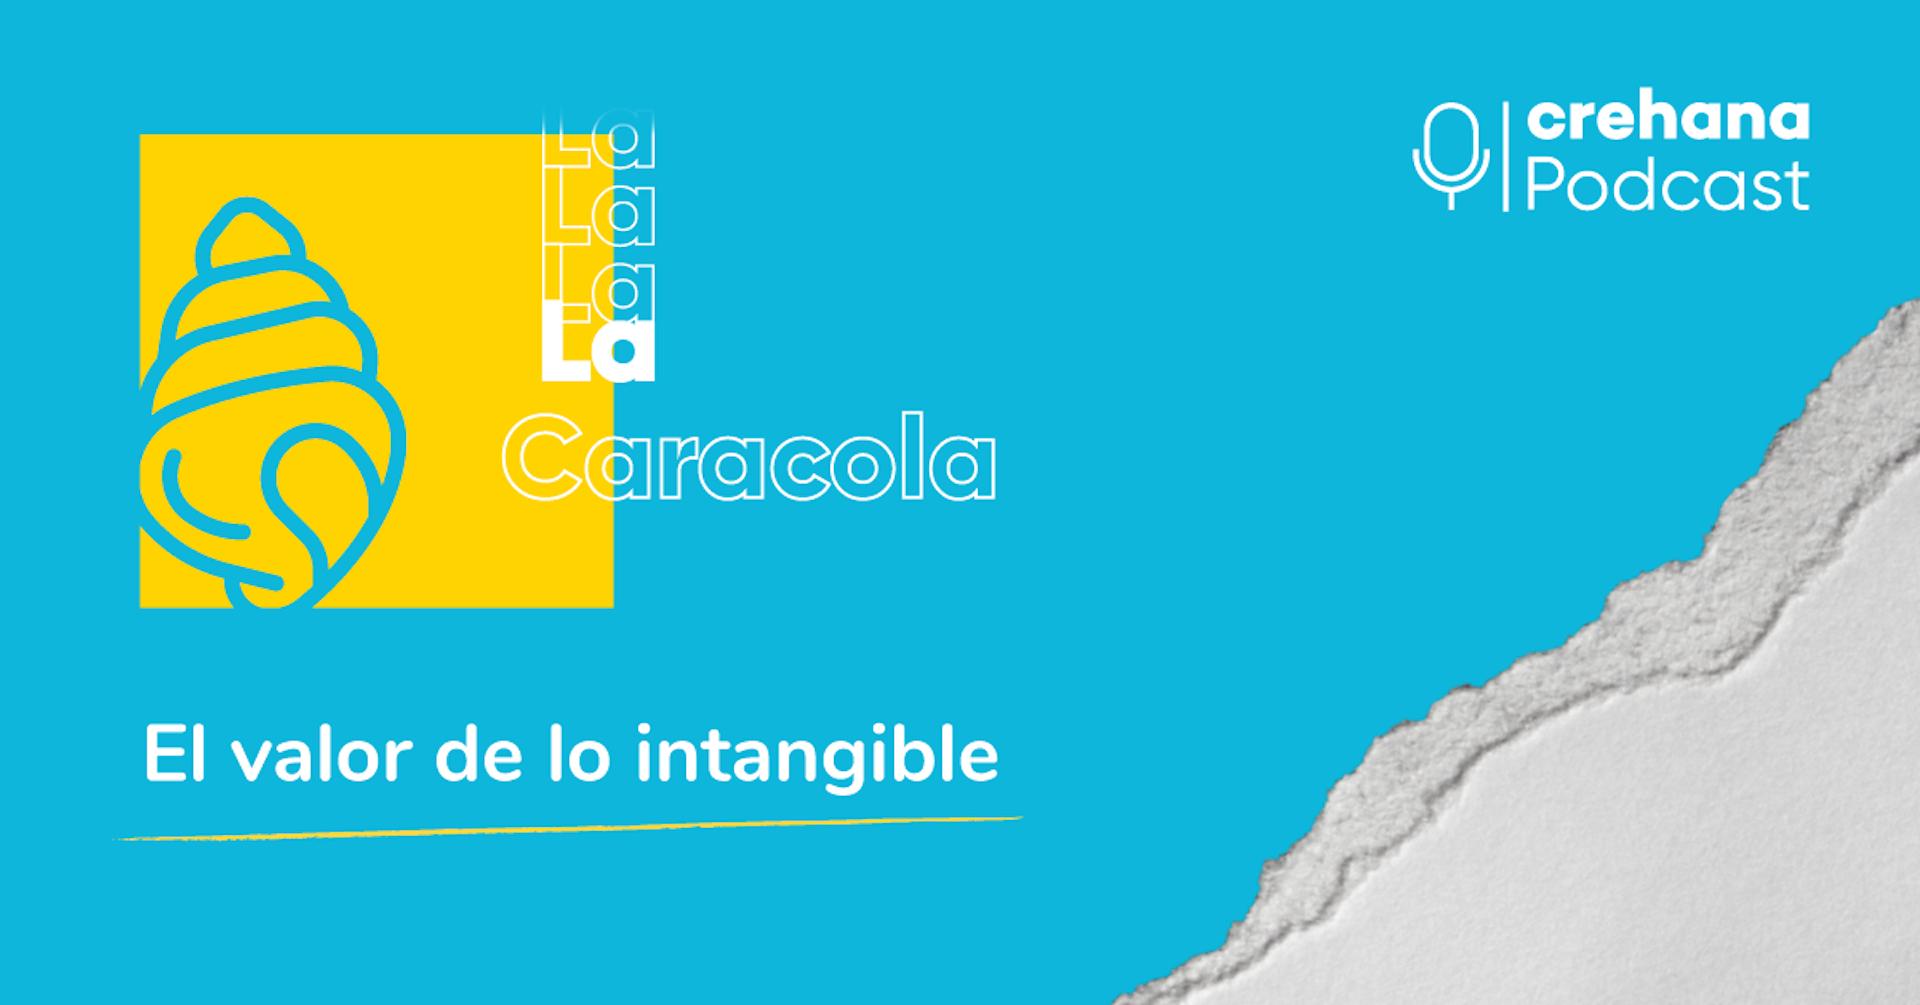 La Caracola, episodio 2: El valor de lo intangible